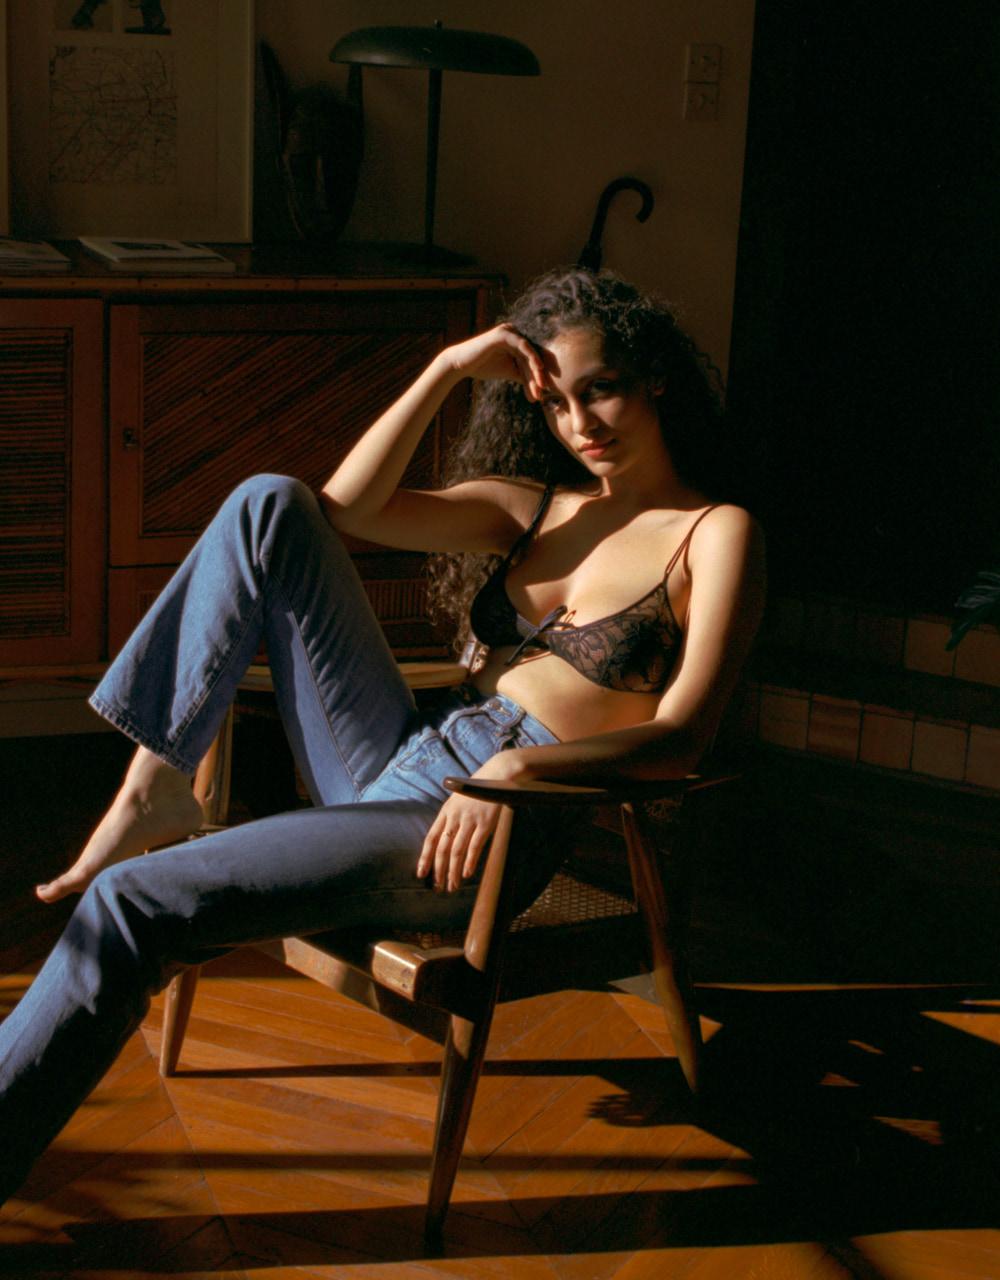 lingerie soutien-gorge sans armatures Black Tie Noir Forever 32 € Girls In Paris photo 3